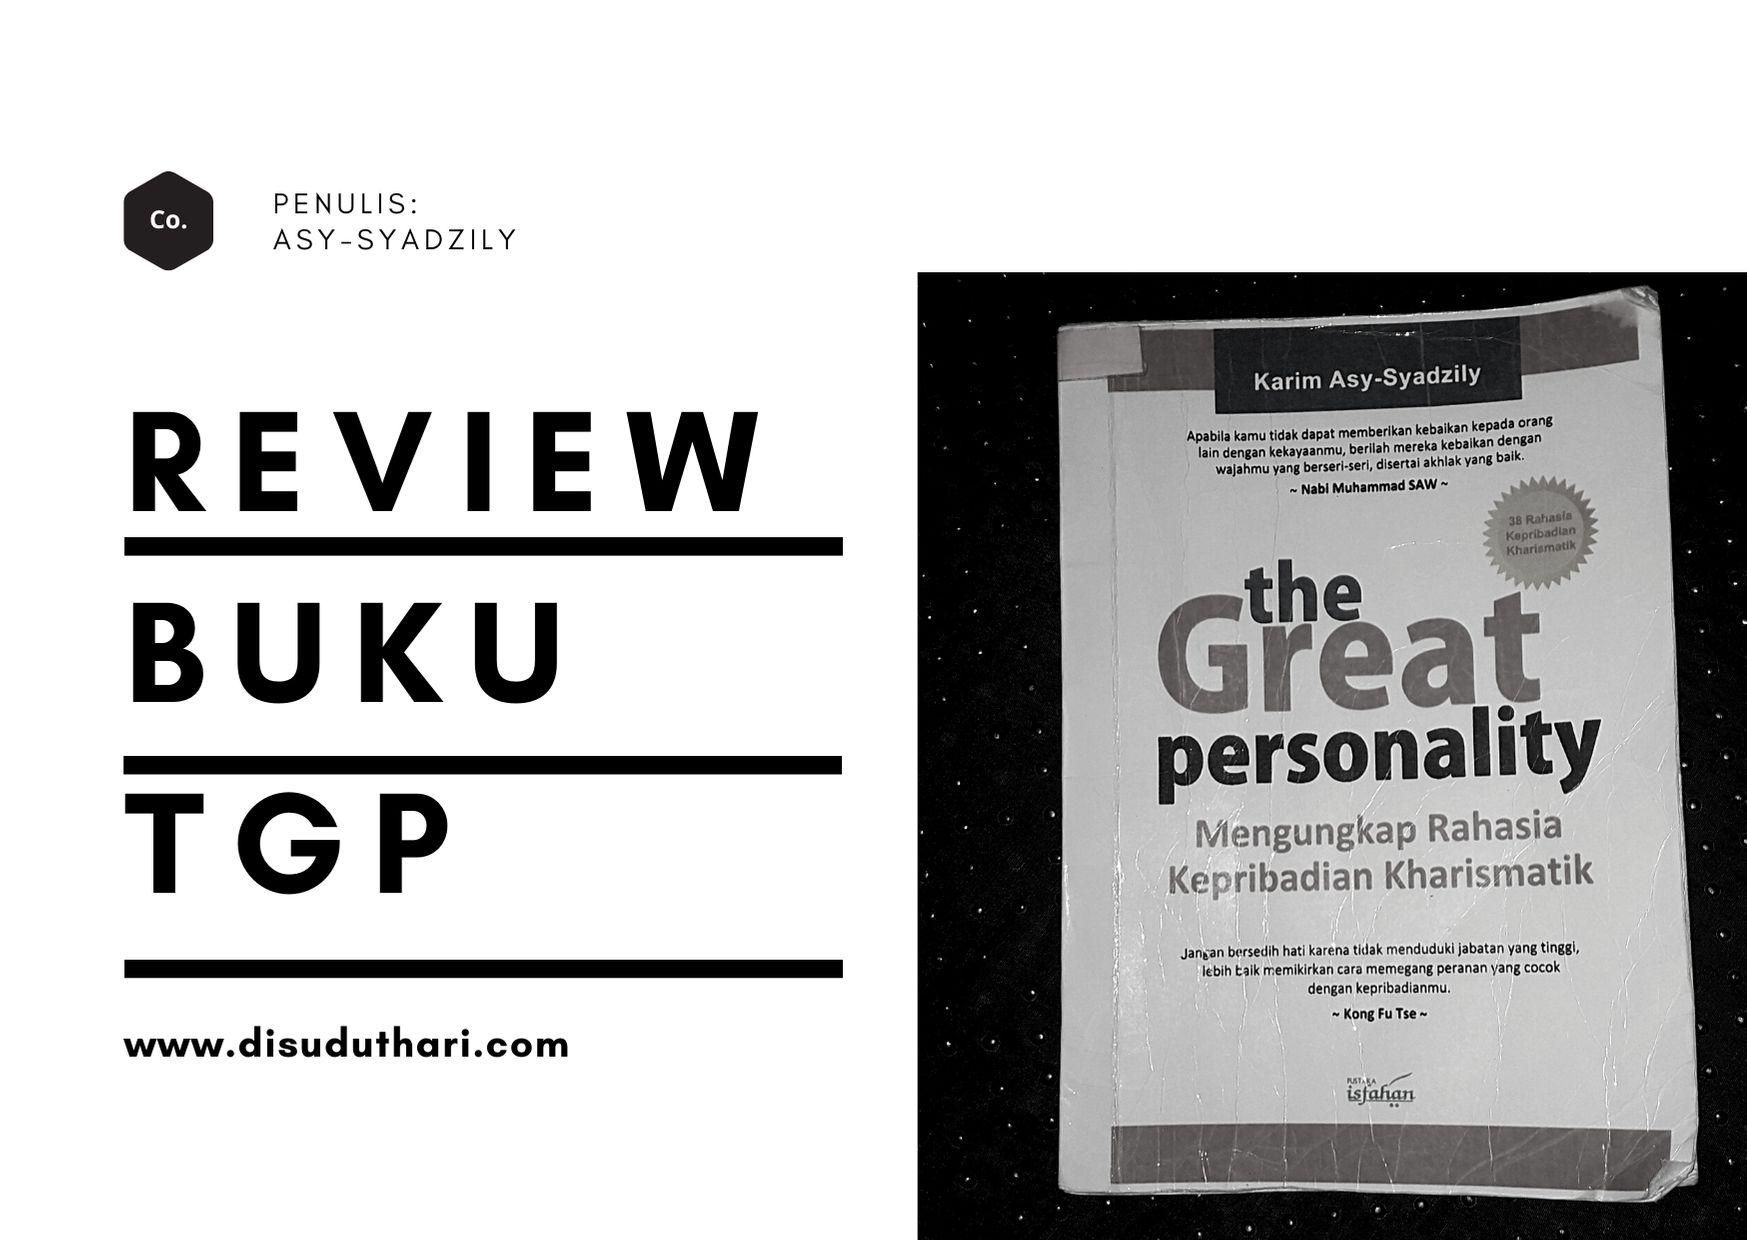 Review Buku the Great Personality Mengungkap Rahasia Kepribadian Kharismatik